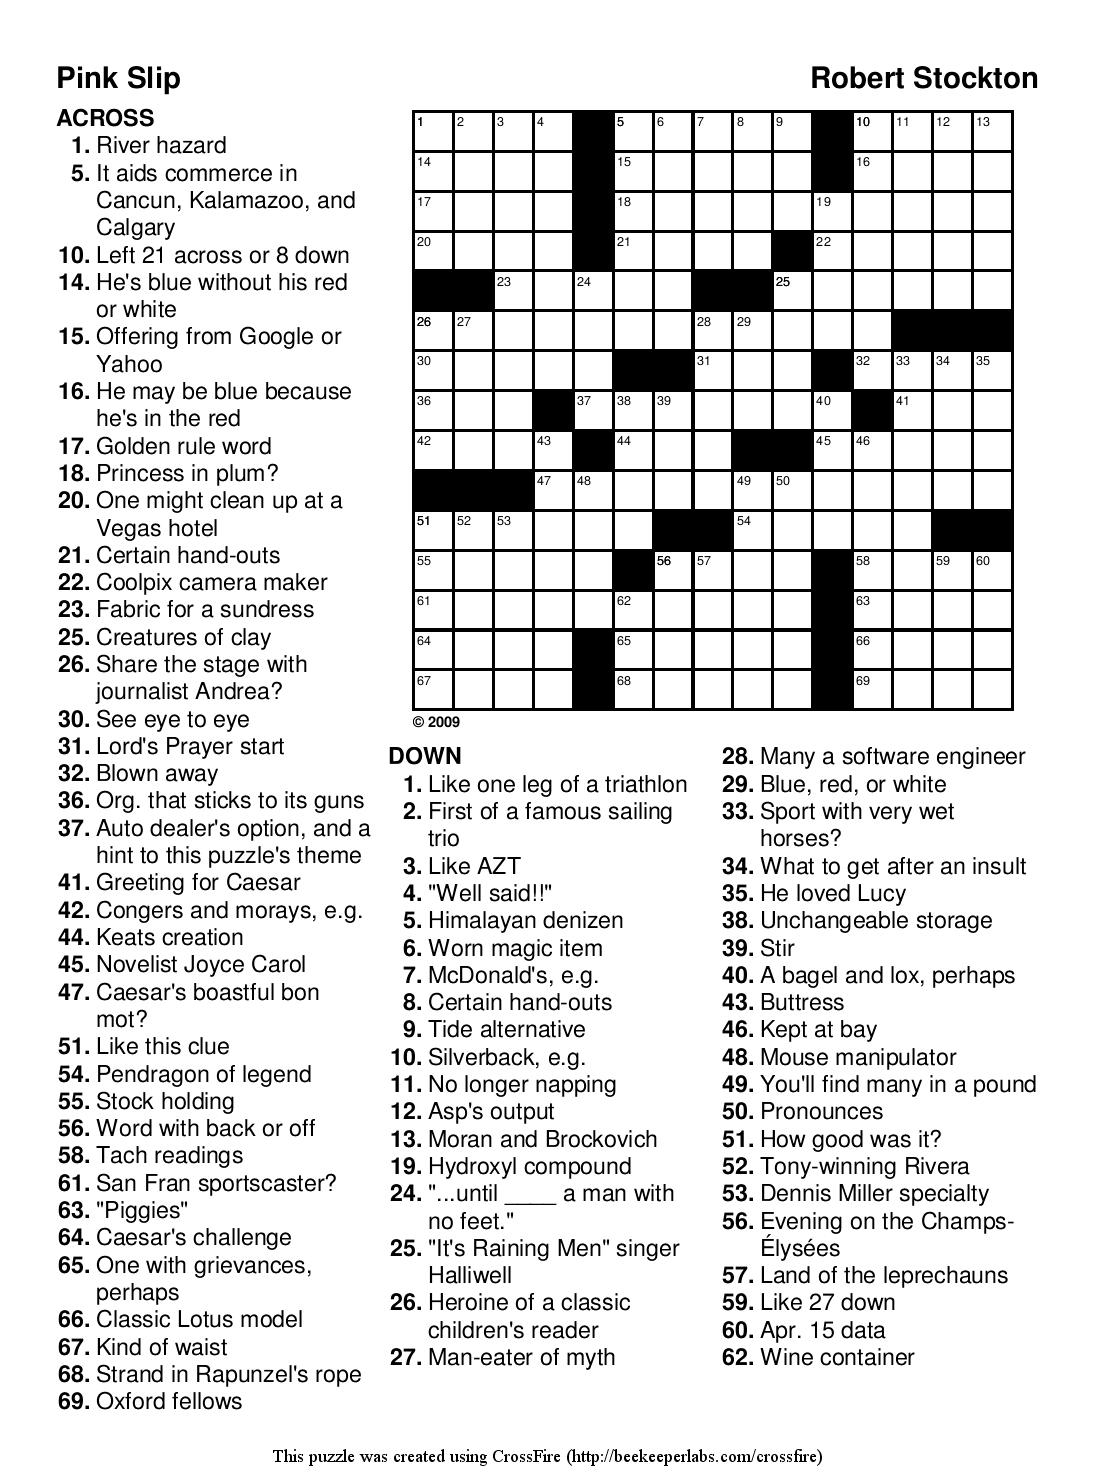 Easy Printable Crossword Puzzels - Infocap Ltd. - Printable Crossword Puzzles Easy With Answers